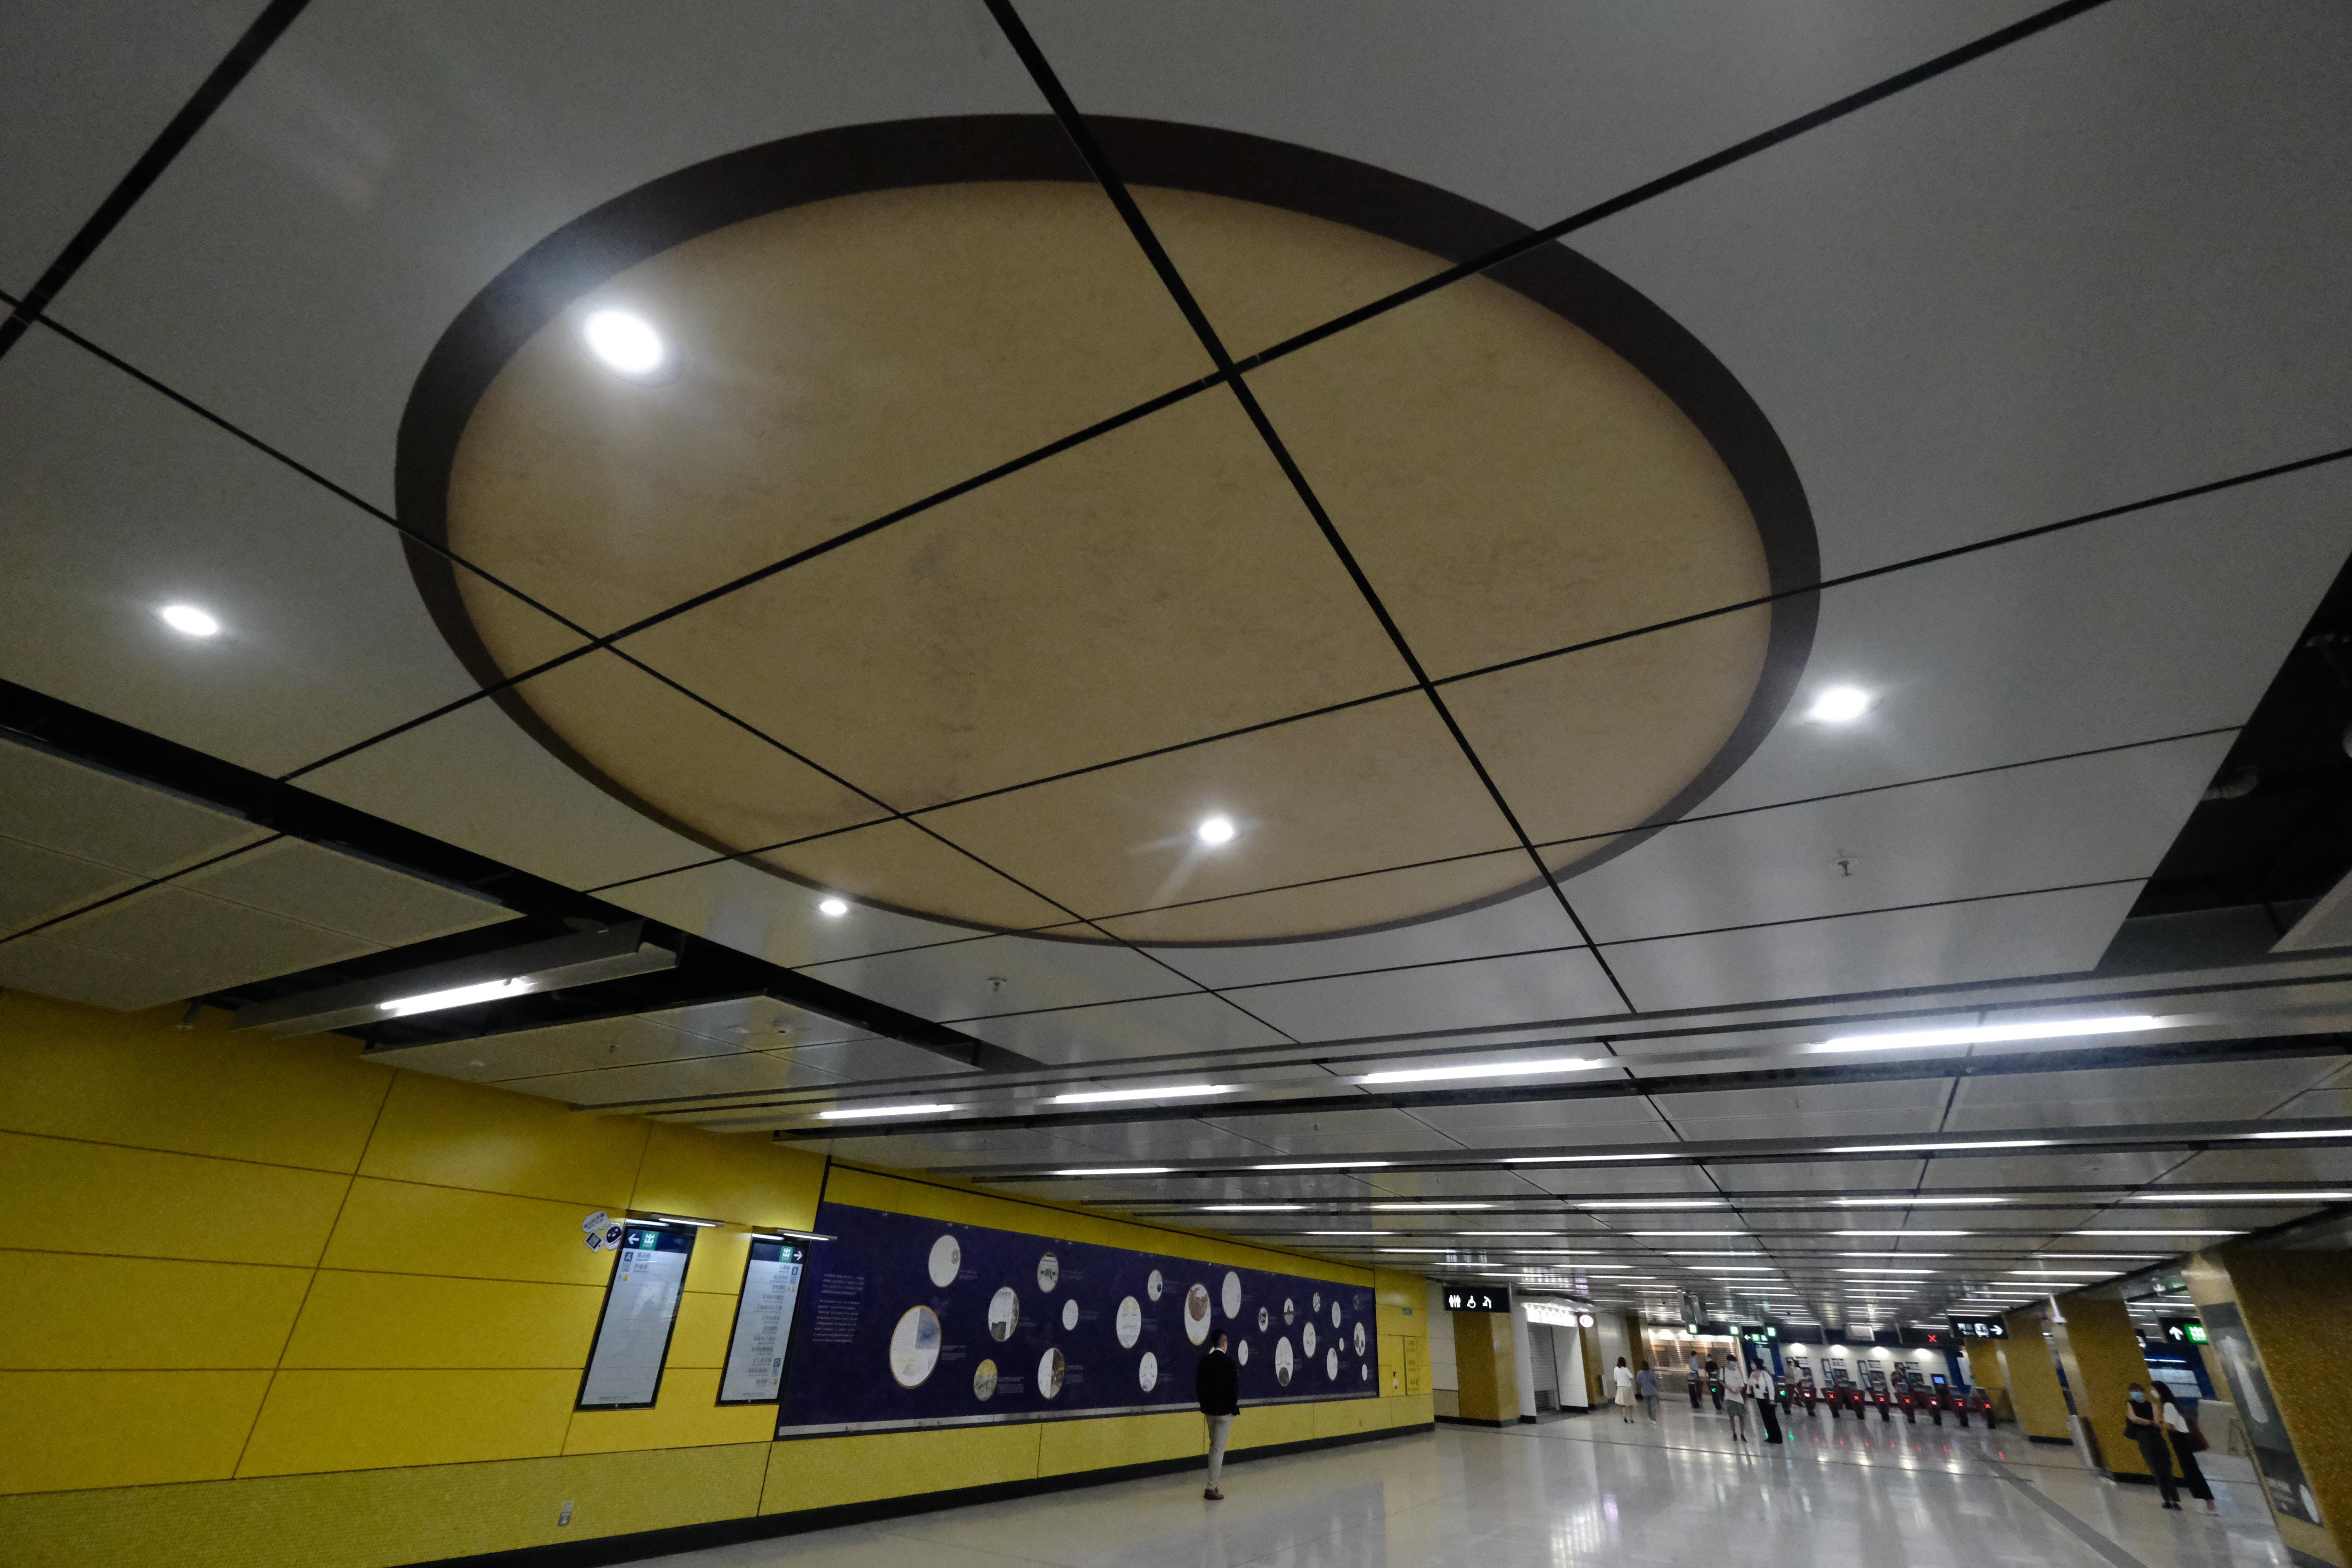 宋皇臺站車站大堂部分頂蓋將會換成透明底板,乘客可仰望觀賞古井的底部。(文匯報陳大文攝)